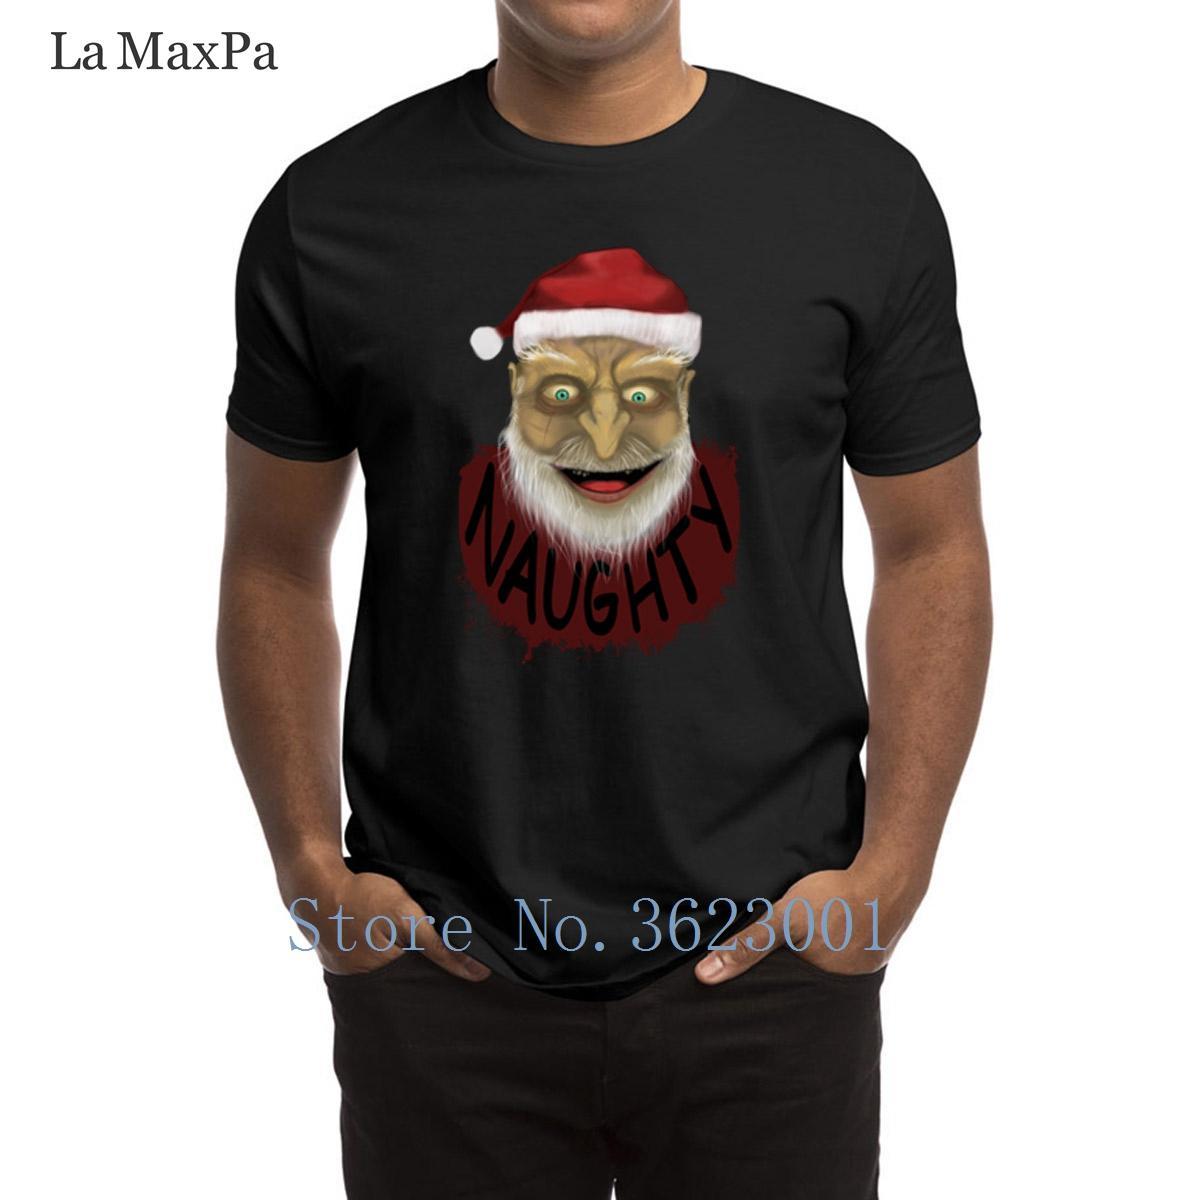 Impresión de cartas camiseta de los hombres de Santa espeluznante de los hombres de la camiseta humorística de verano estilo de la camiseta Hombre populares O-Cuello T Shirts Tee Tops